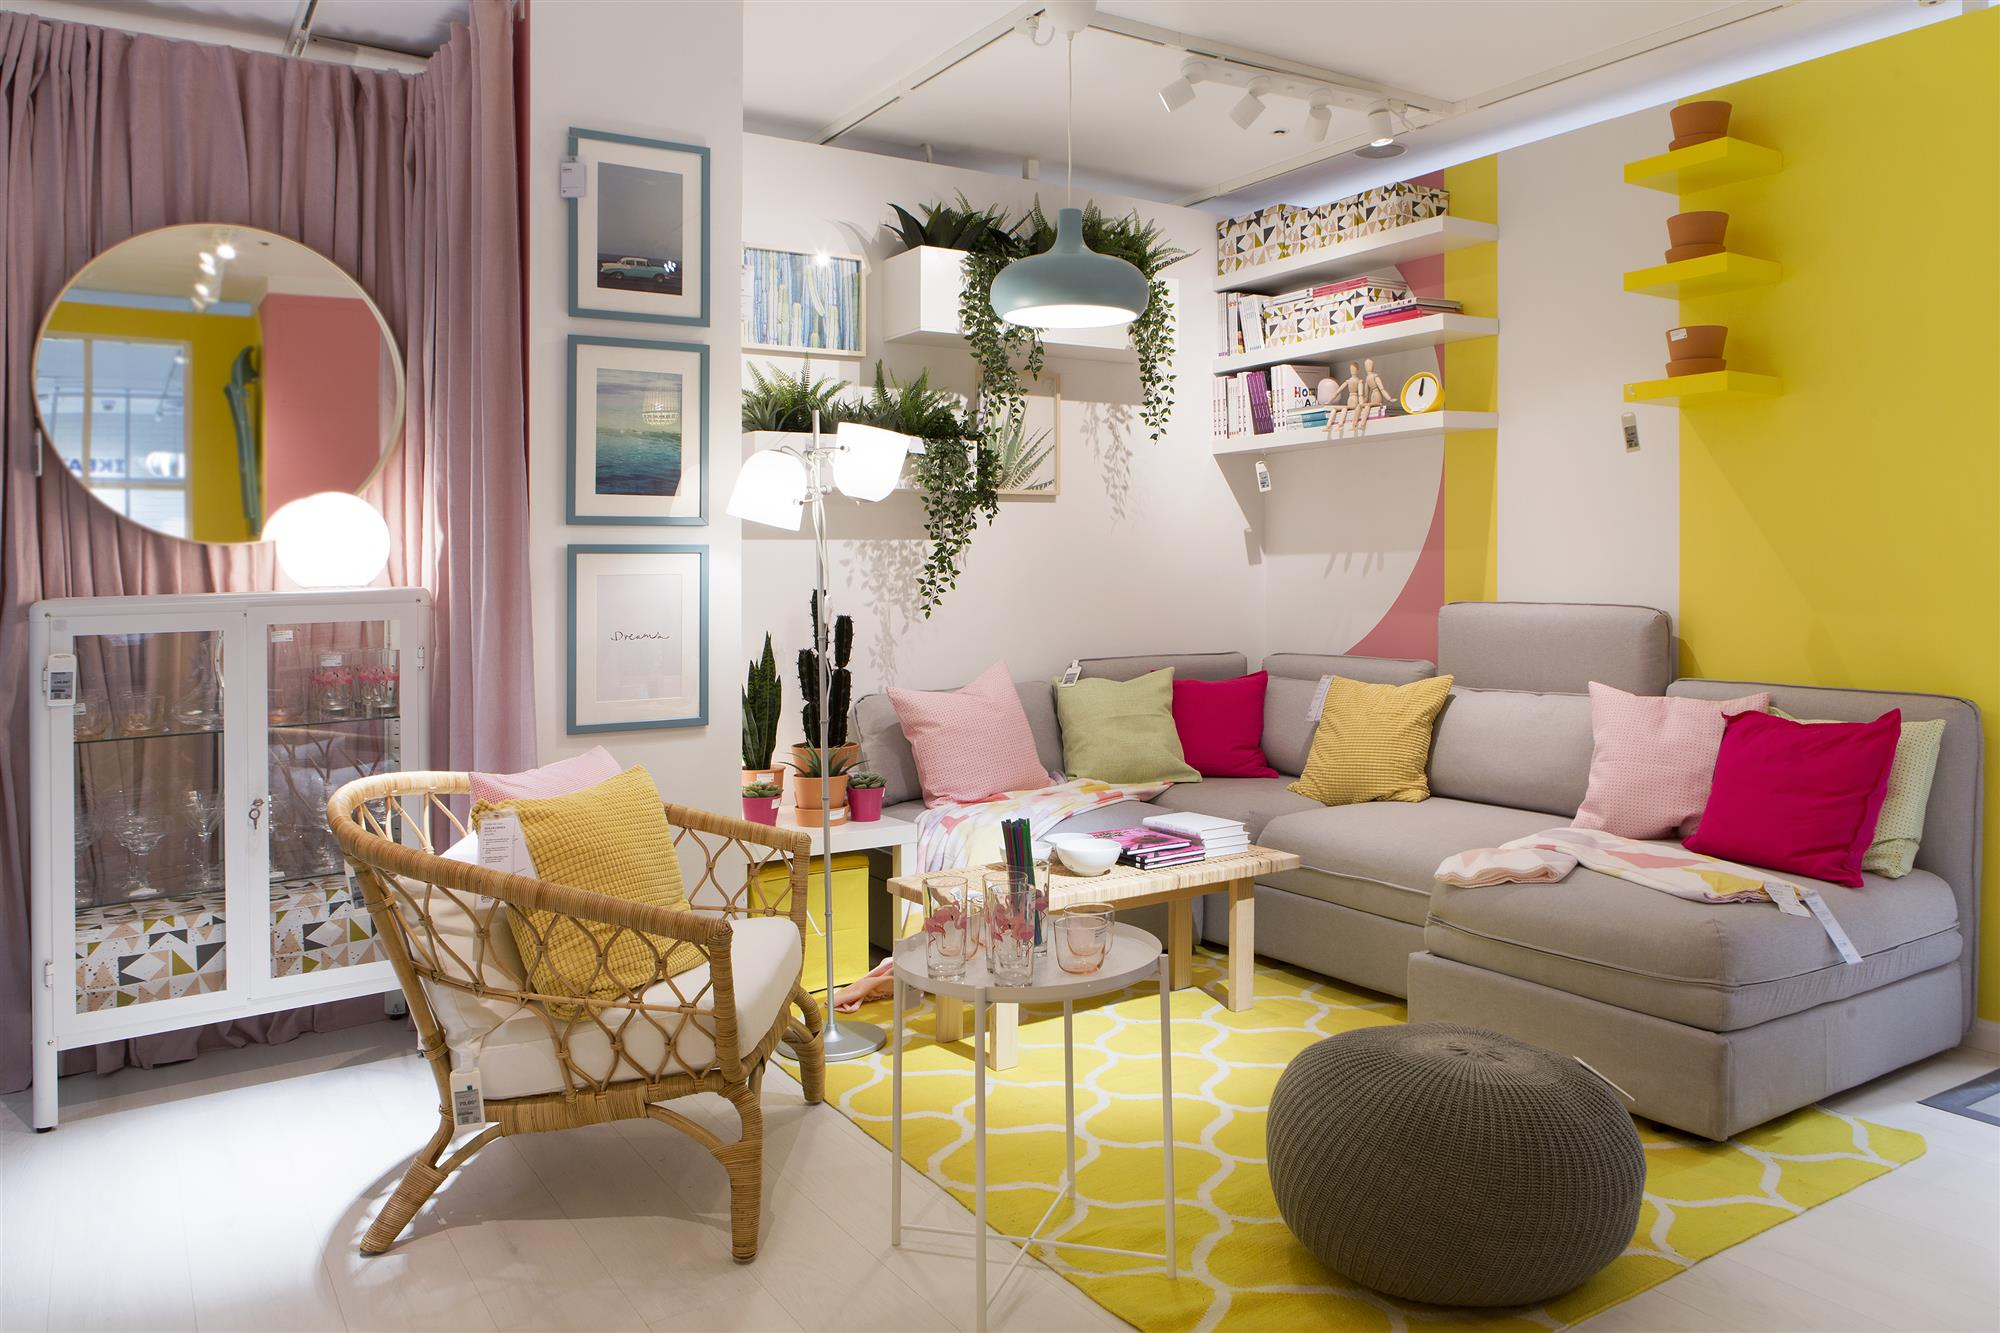 Ikea abre nueva tienda en madrid - Muebles salon ikea ...